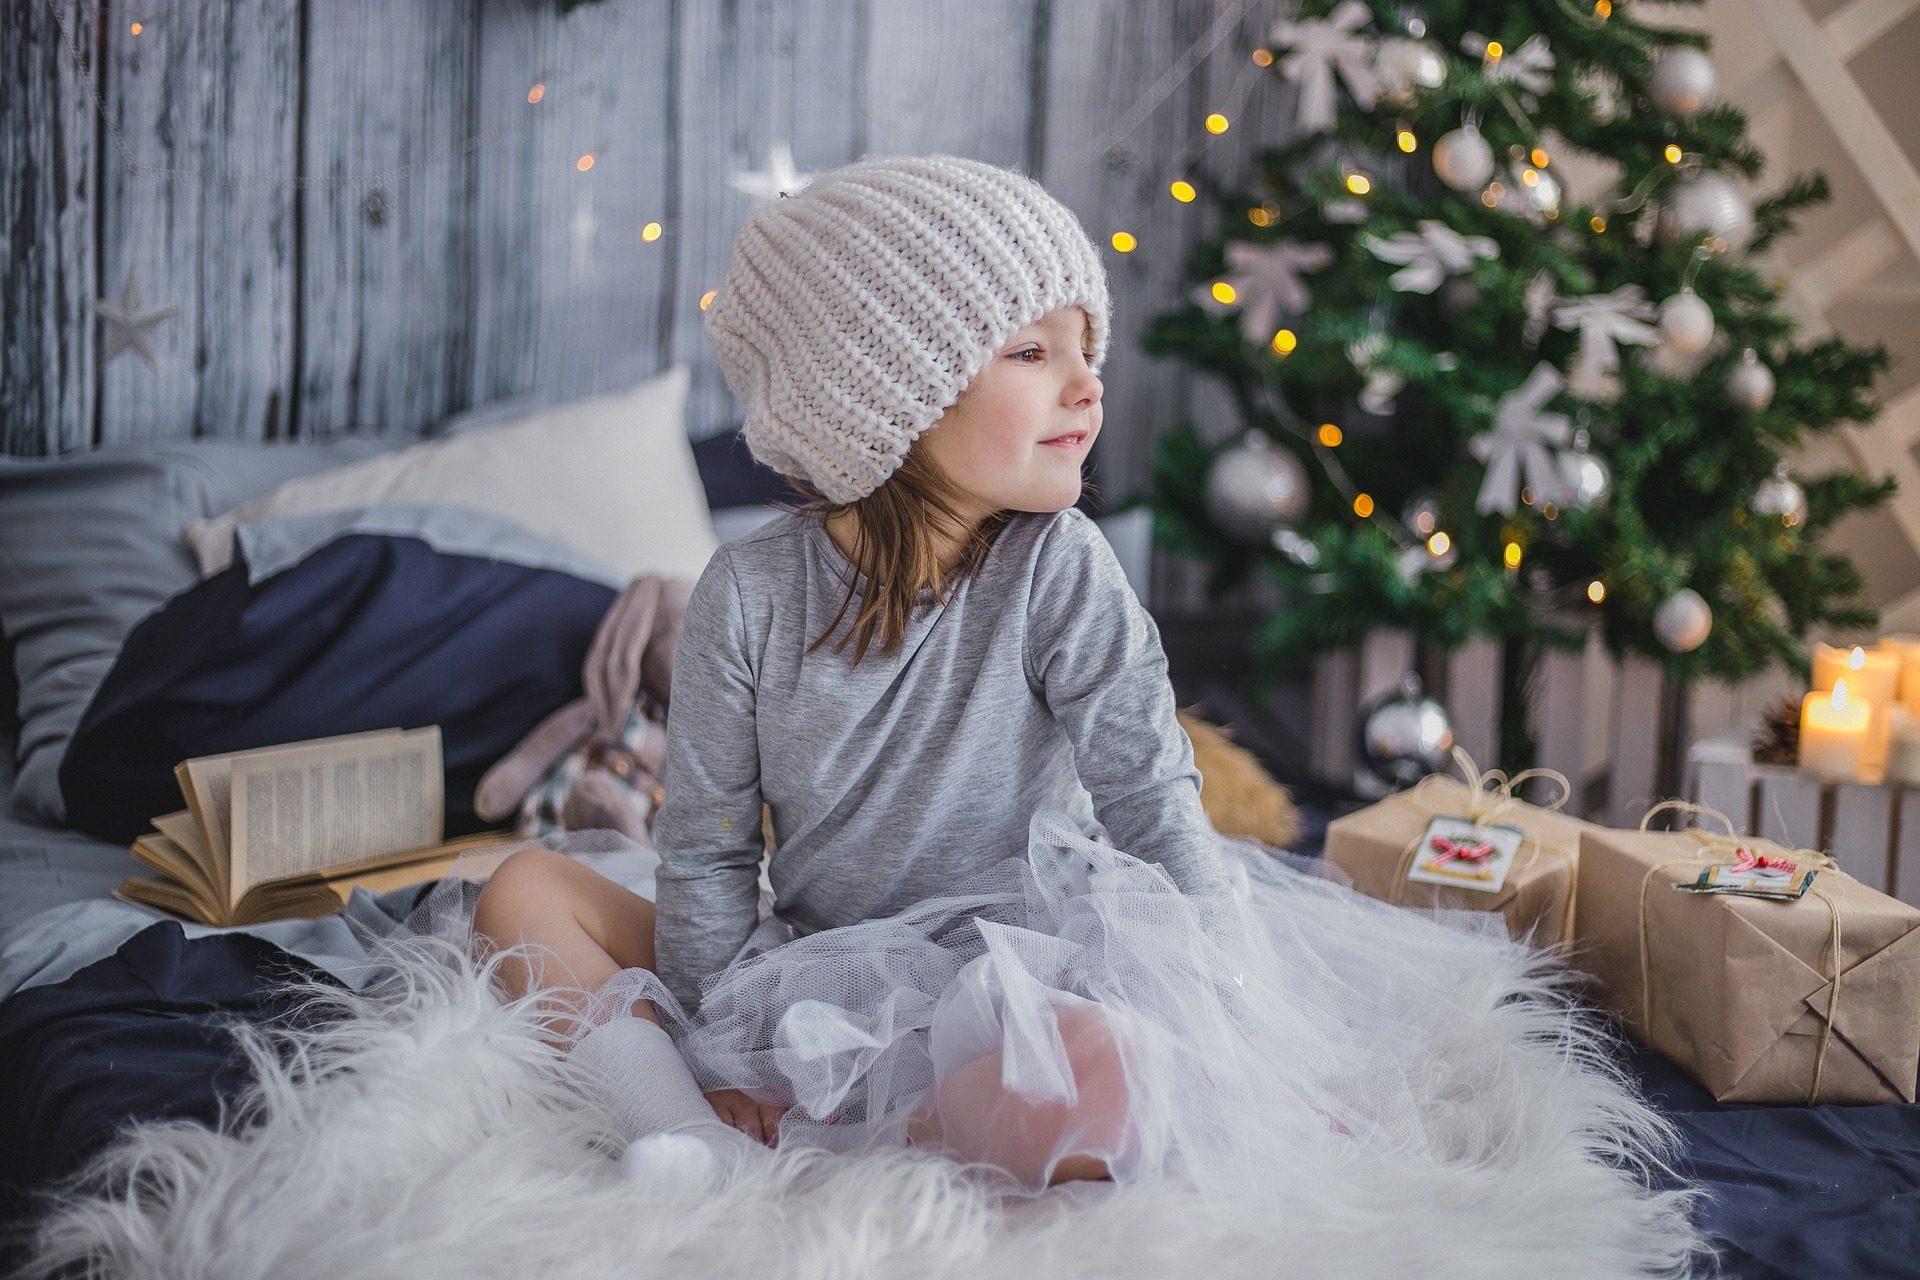 69194faf29 I migliori giocattoli di Natale 2018: la guida all'acquisto e le novità